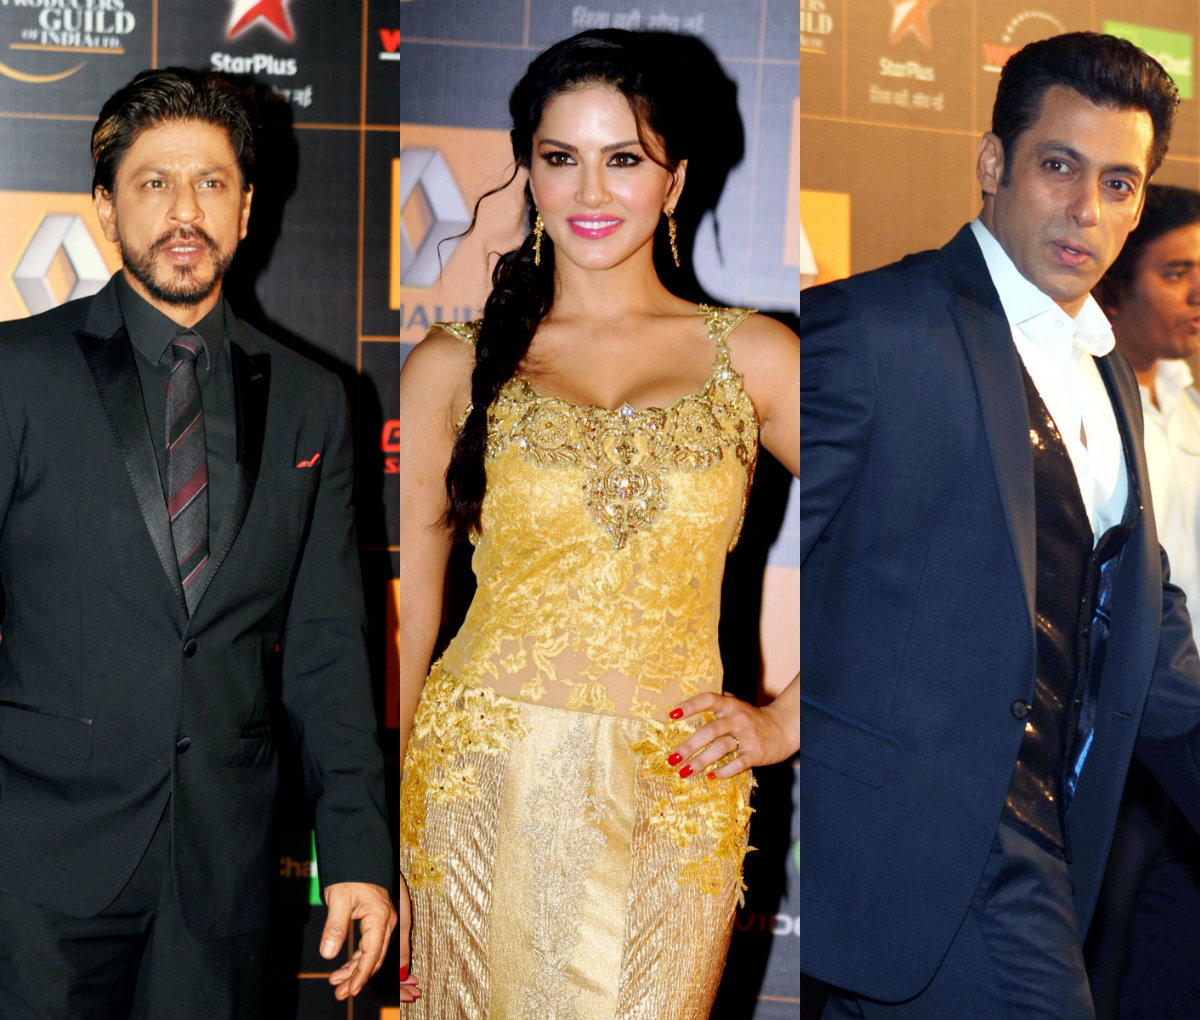 Shah Rukh Khan, Salman Khan, Sunny Leone